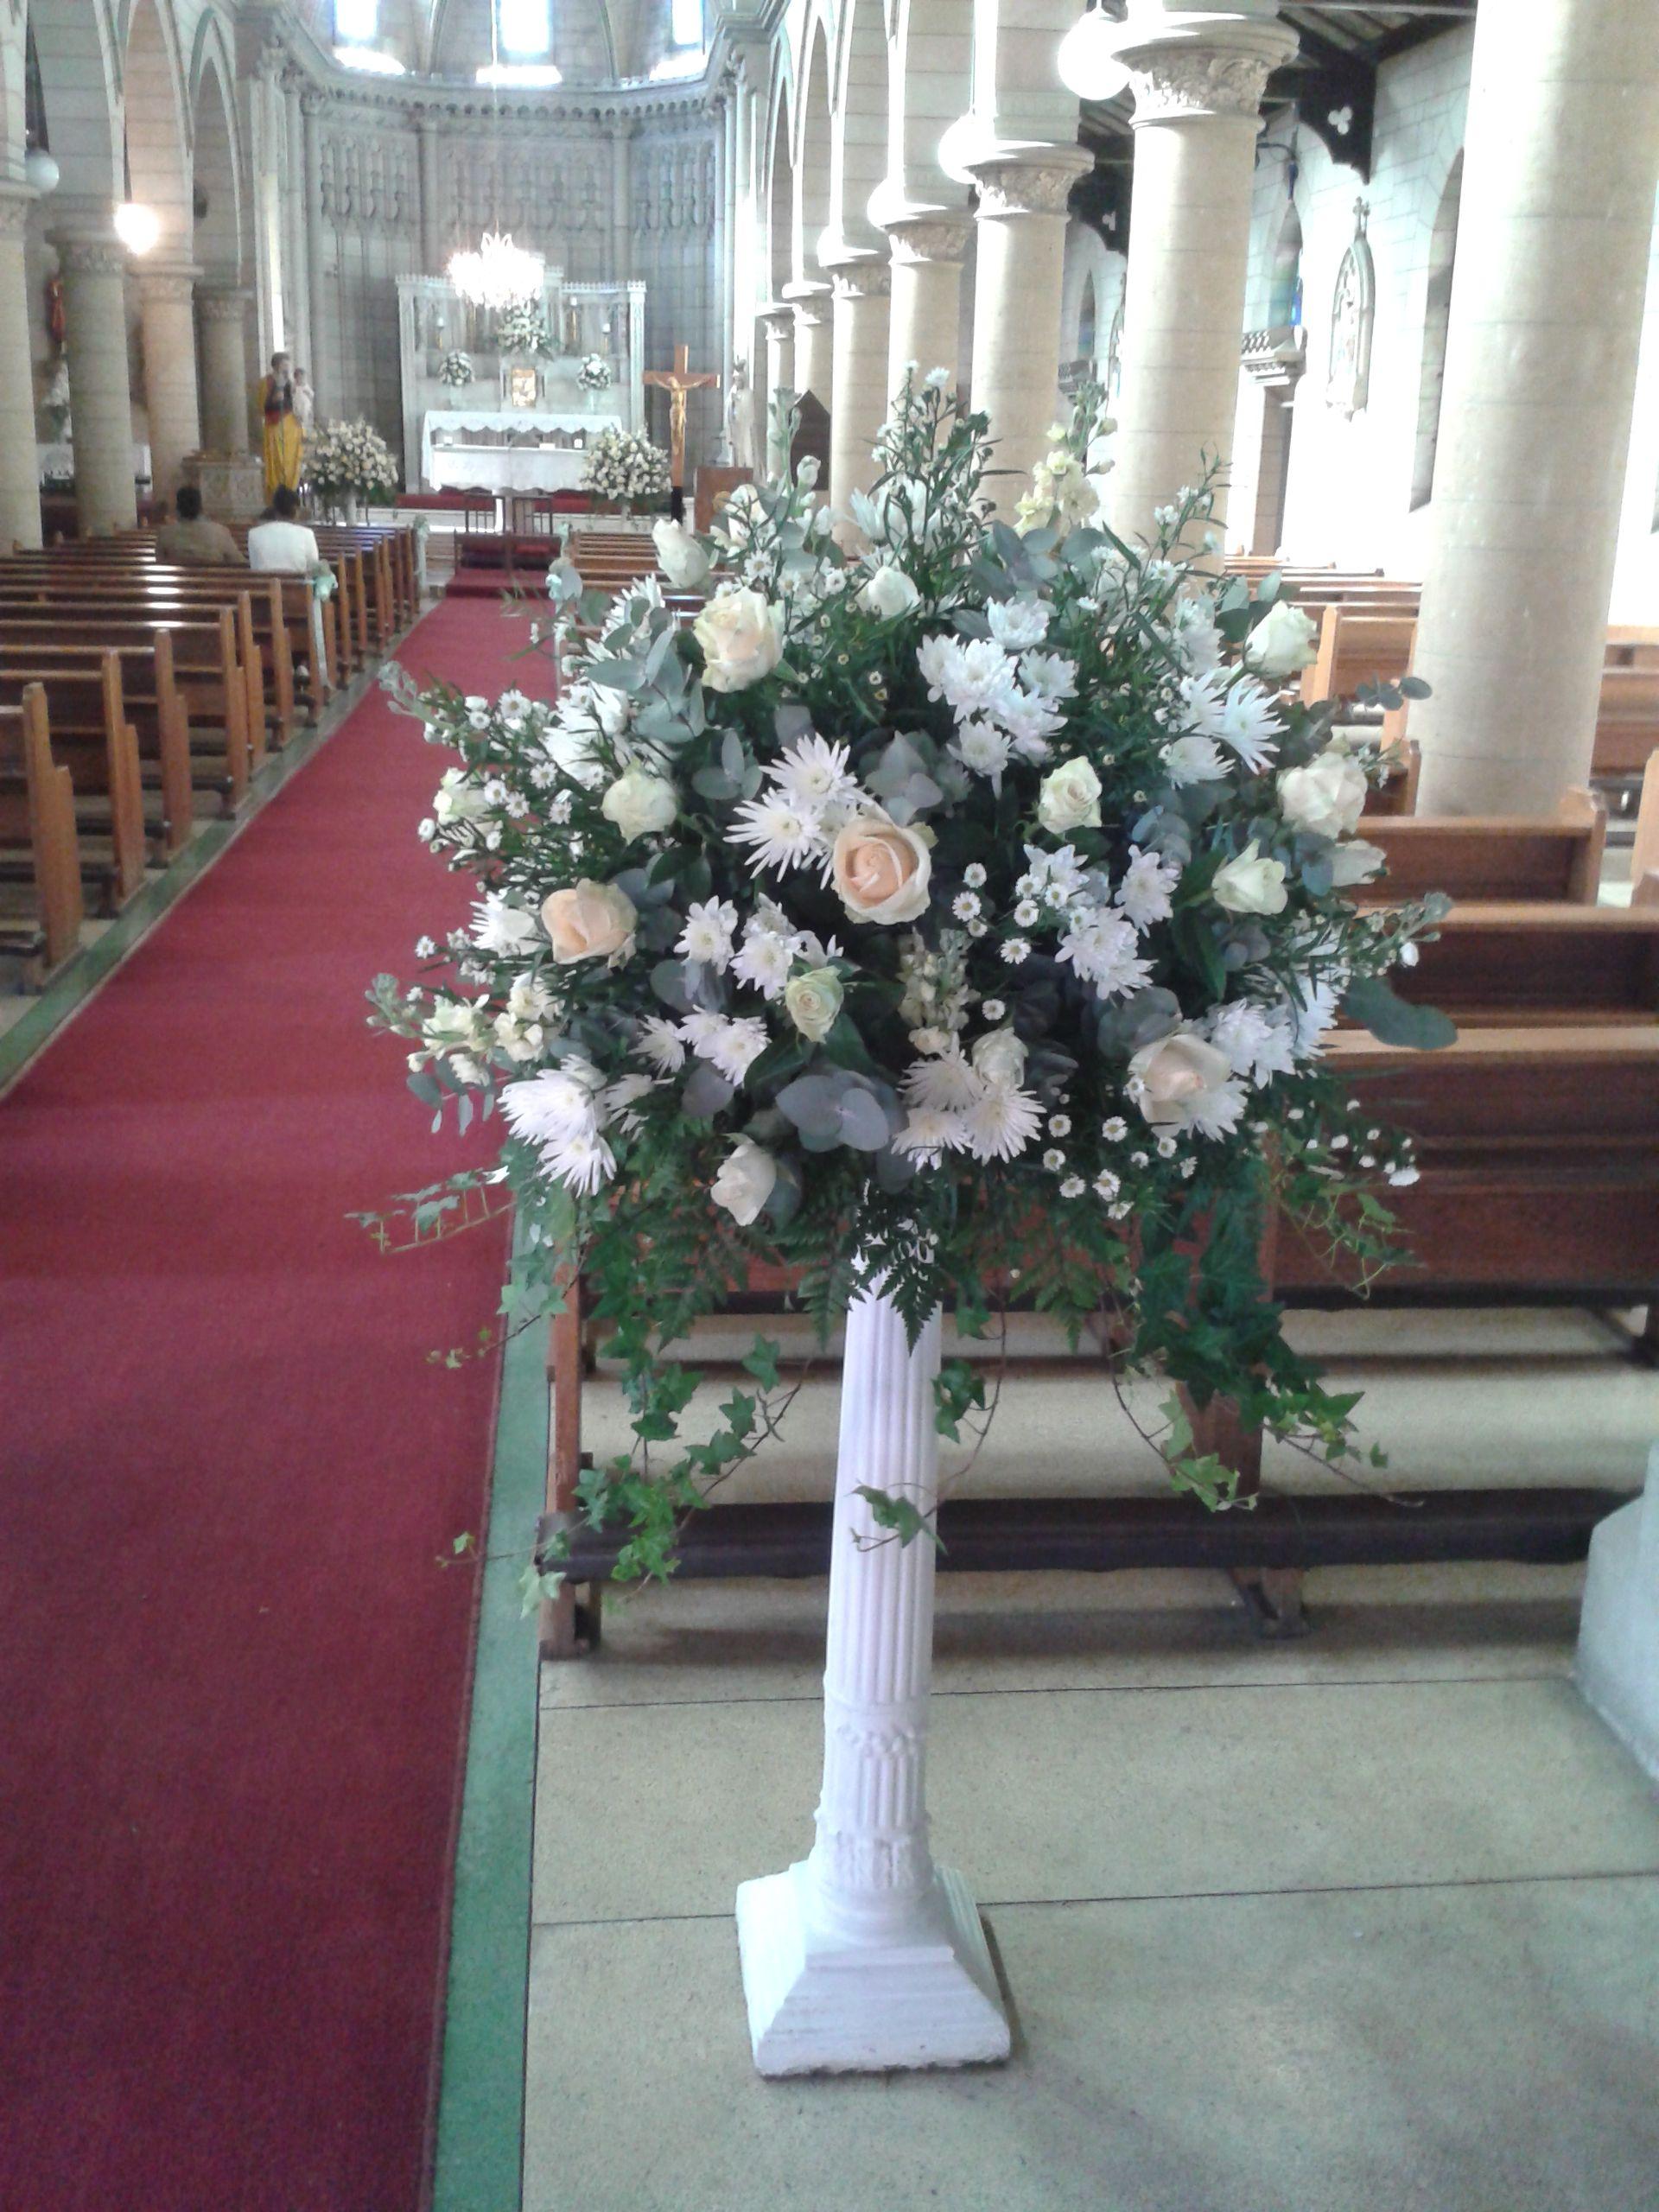 Wedding Mass Arrangement Flower arrangements, Wedding